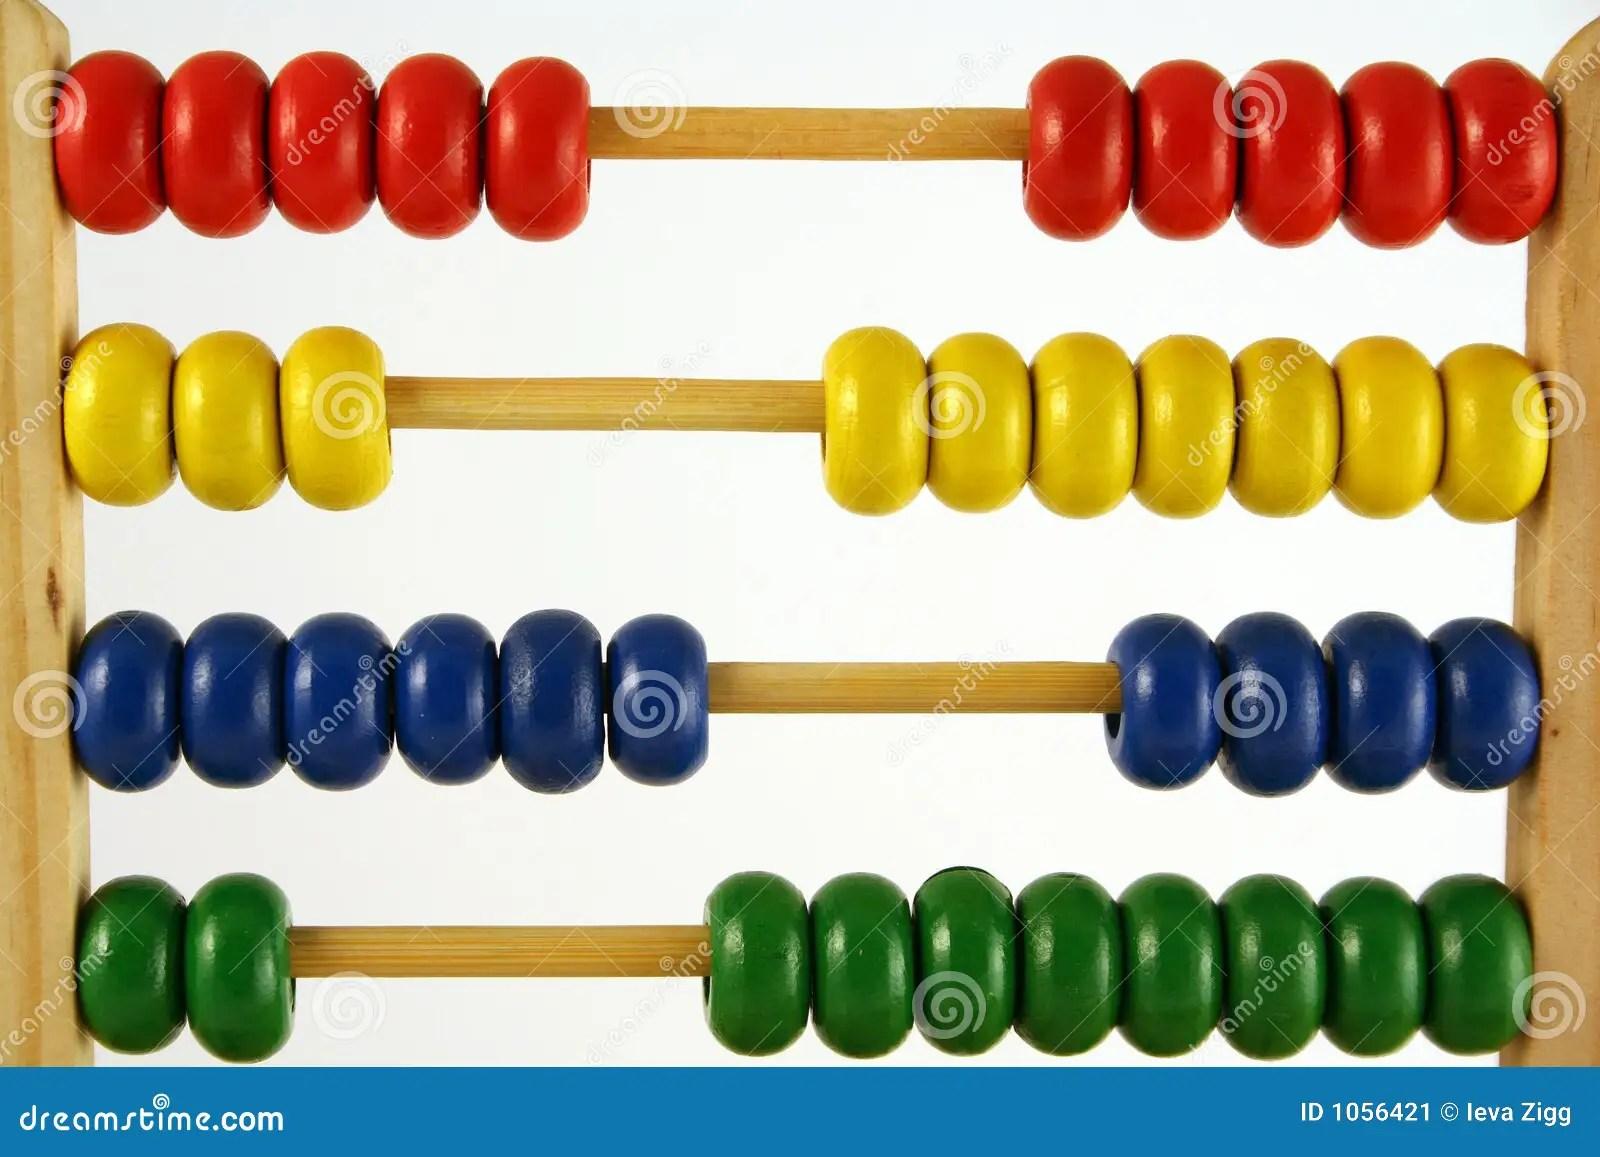 Abacus Horizontal Stock Image Image Of Education Adding